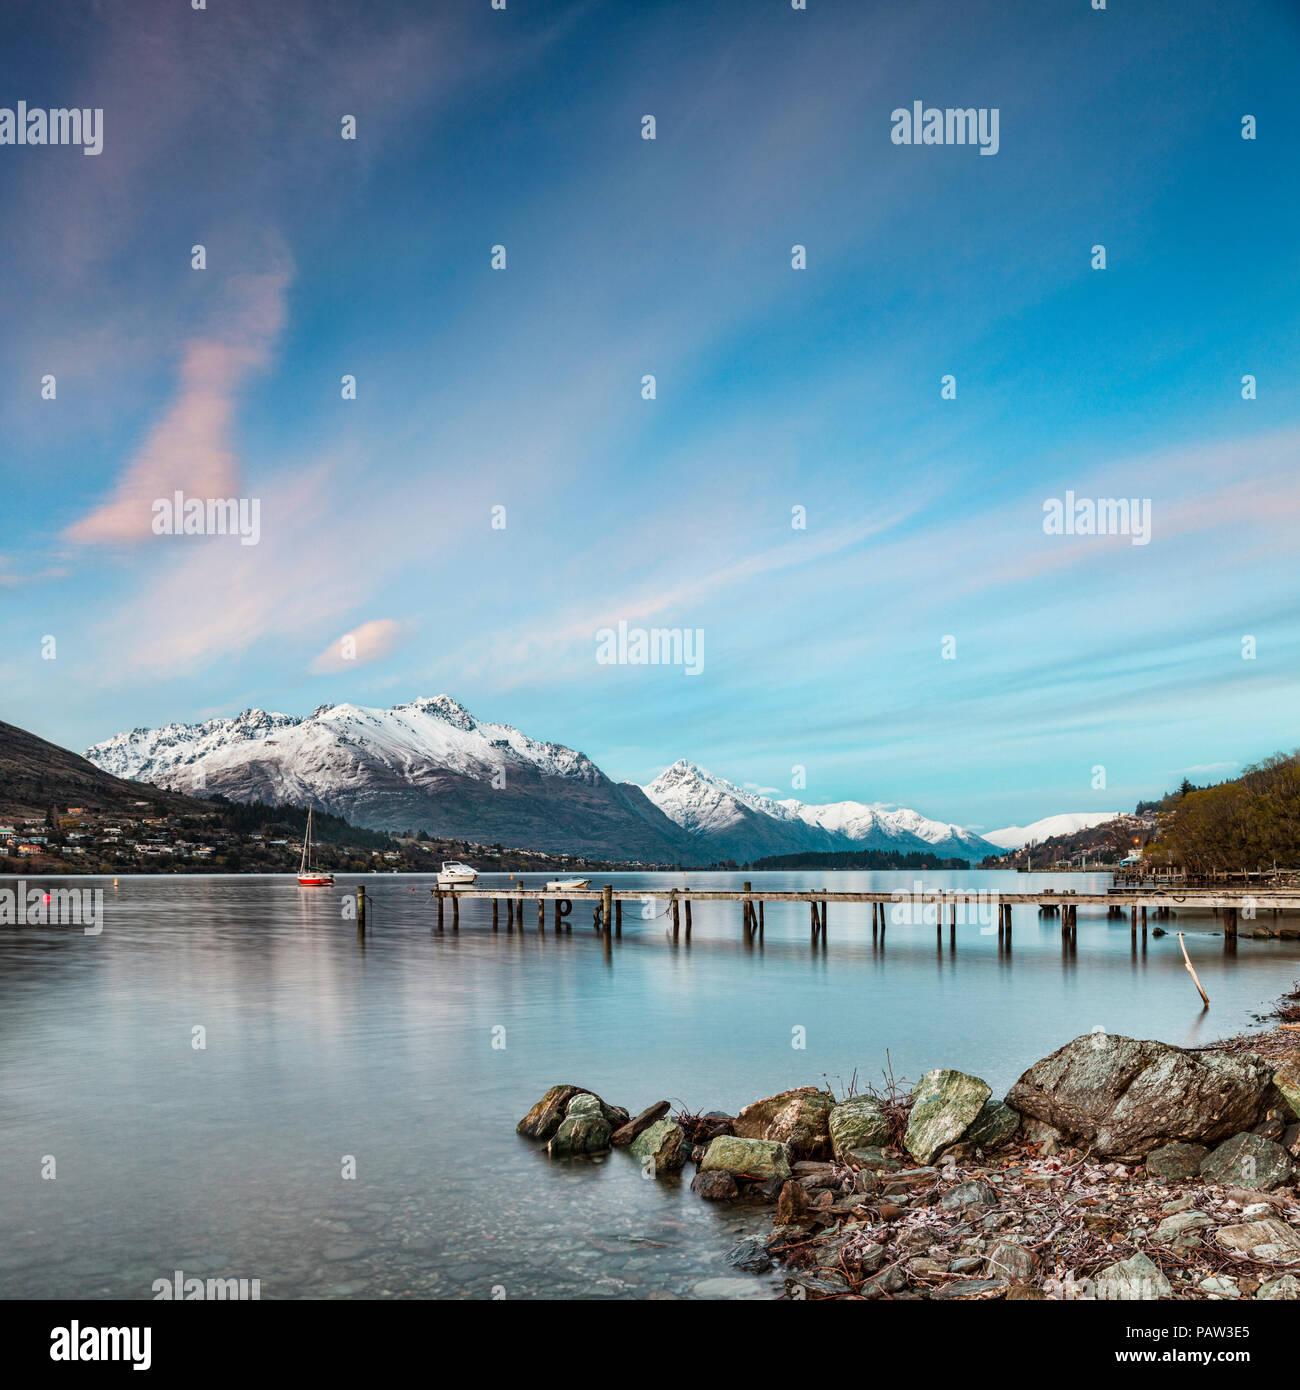 El lago Wakatipu Queenstown Nueva Zelanda Imagen De Stock